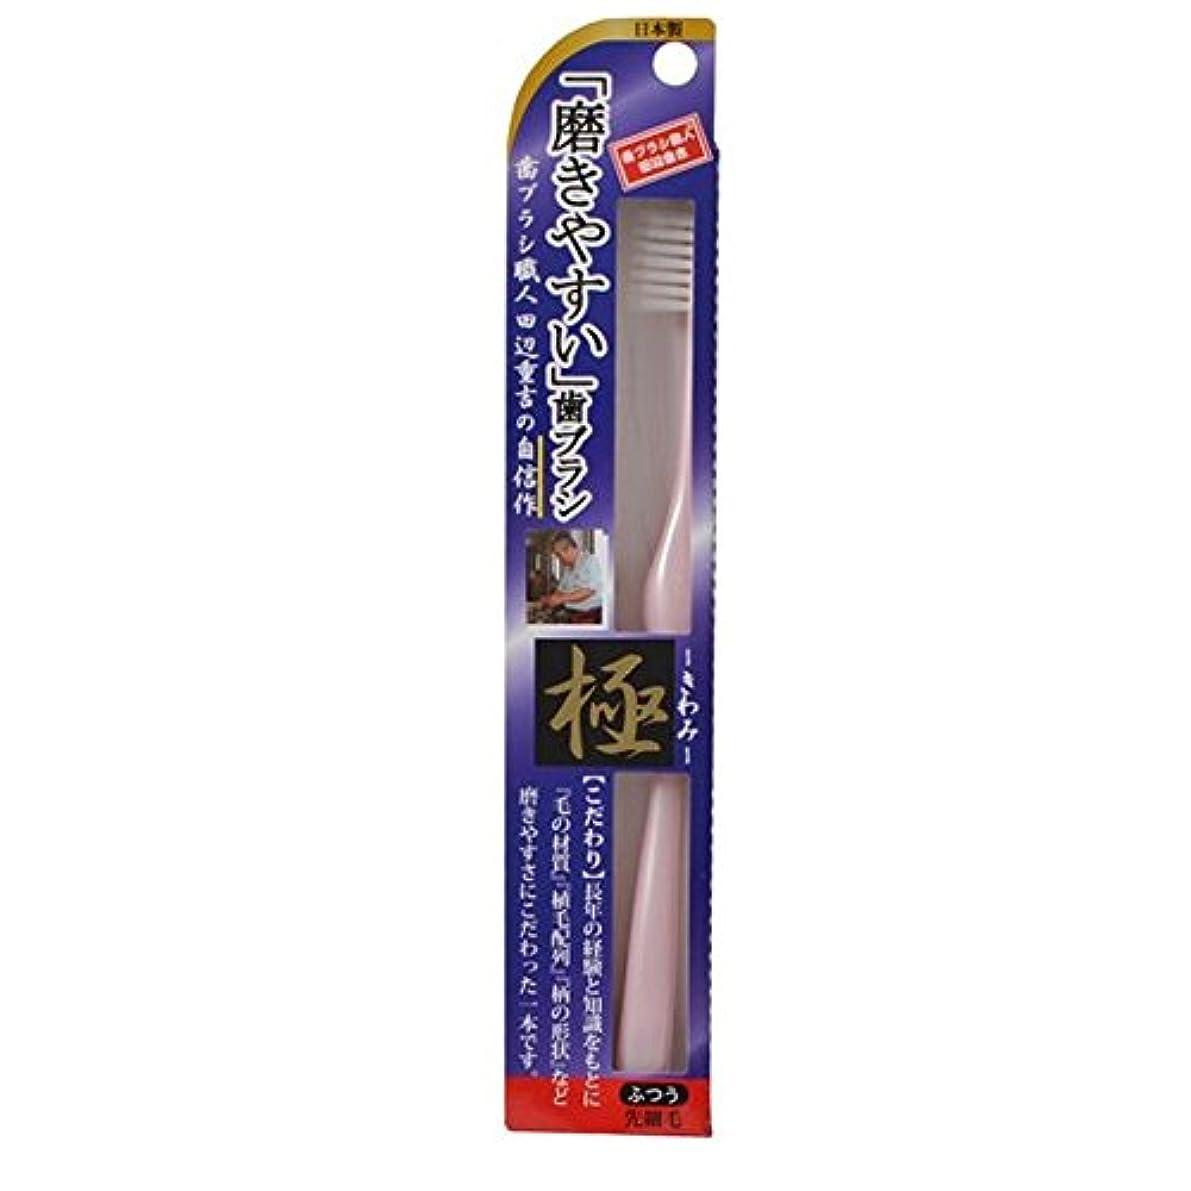 住所ペイント隠す磨きやすい歯ブラシ極 LT-22